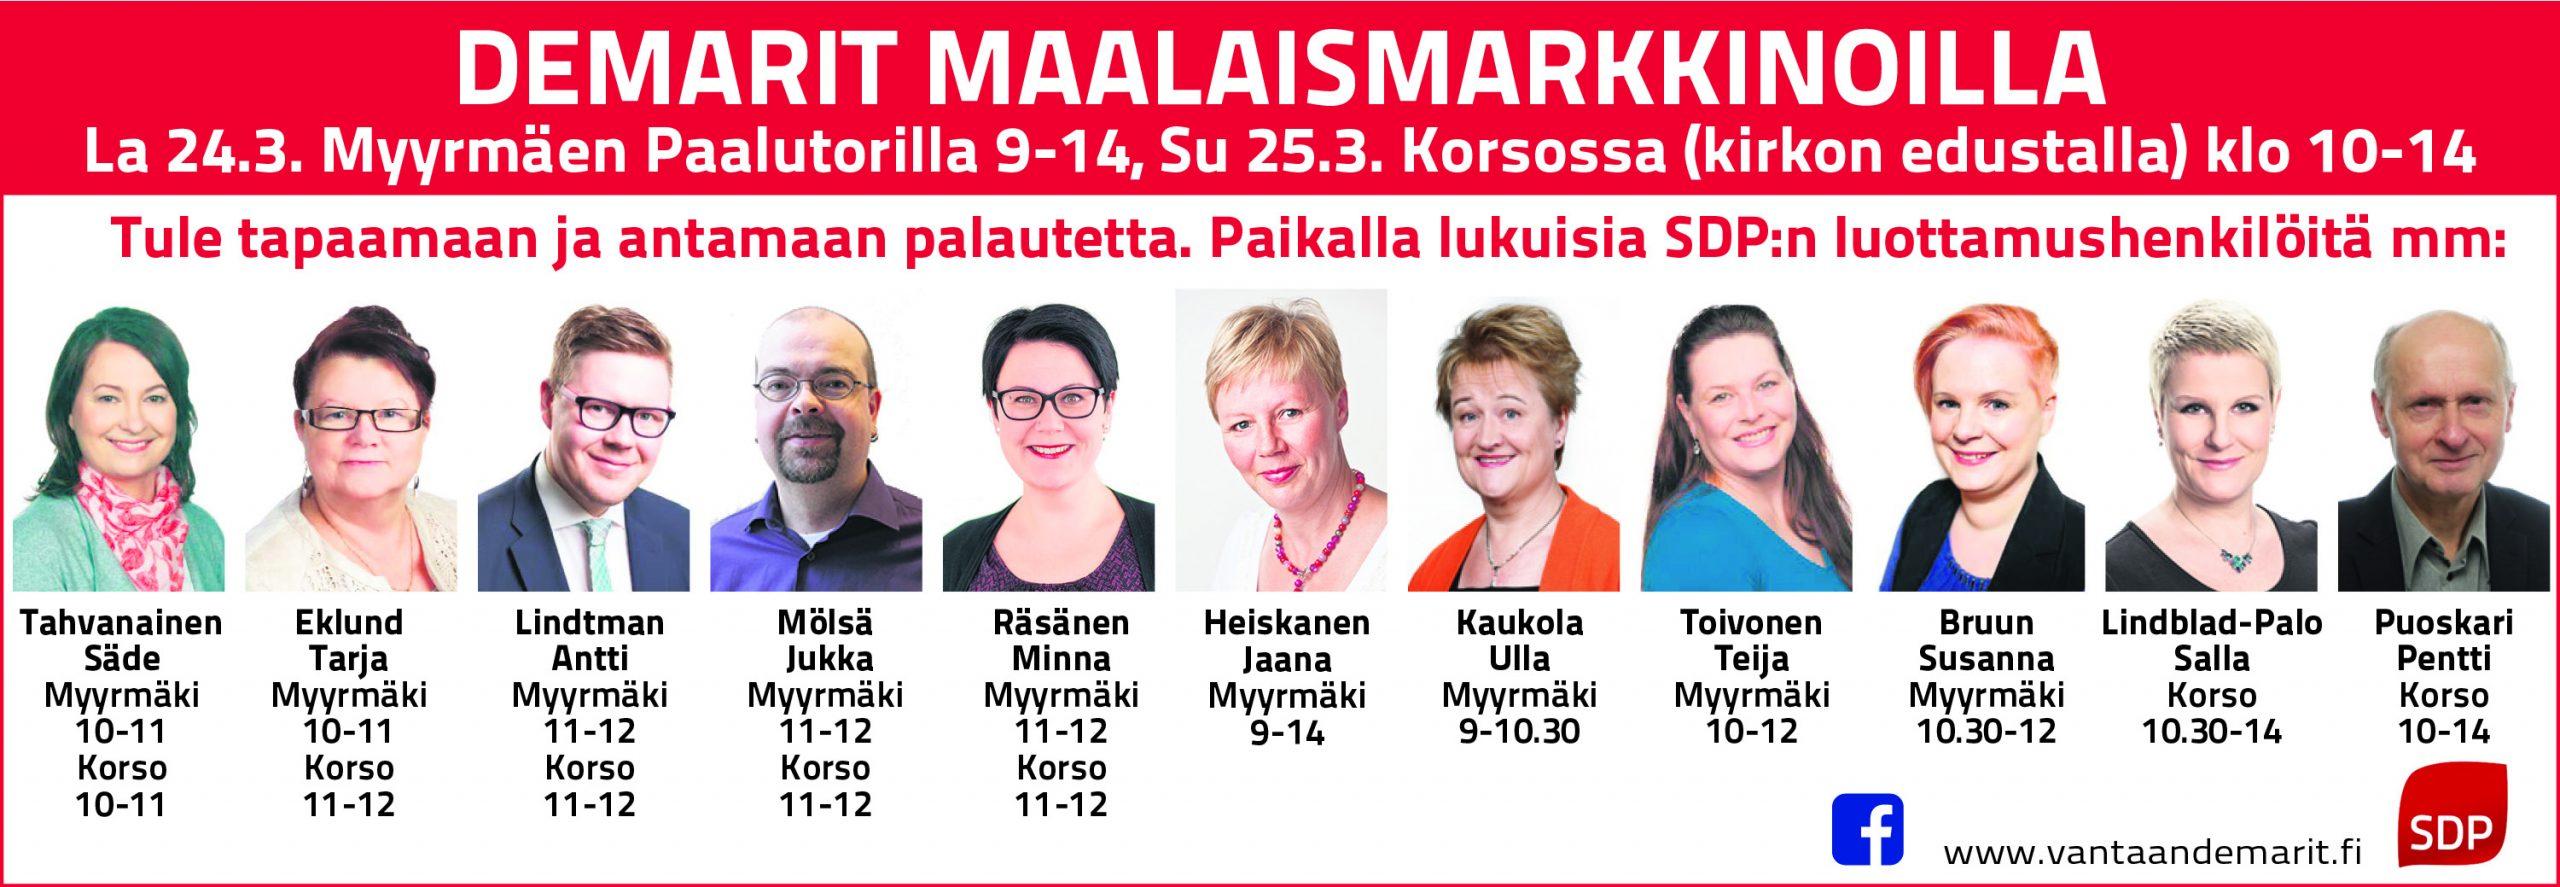 Eduskuntavaaliehdokkaat 2021 Pirkanmaa